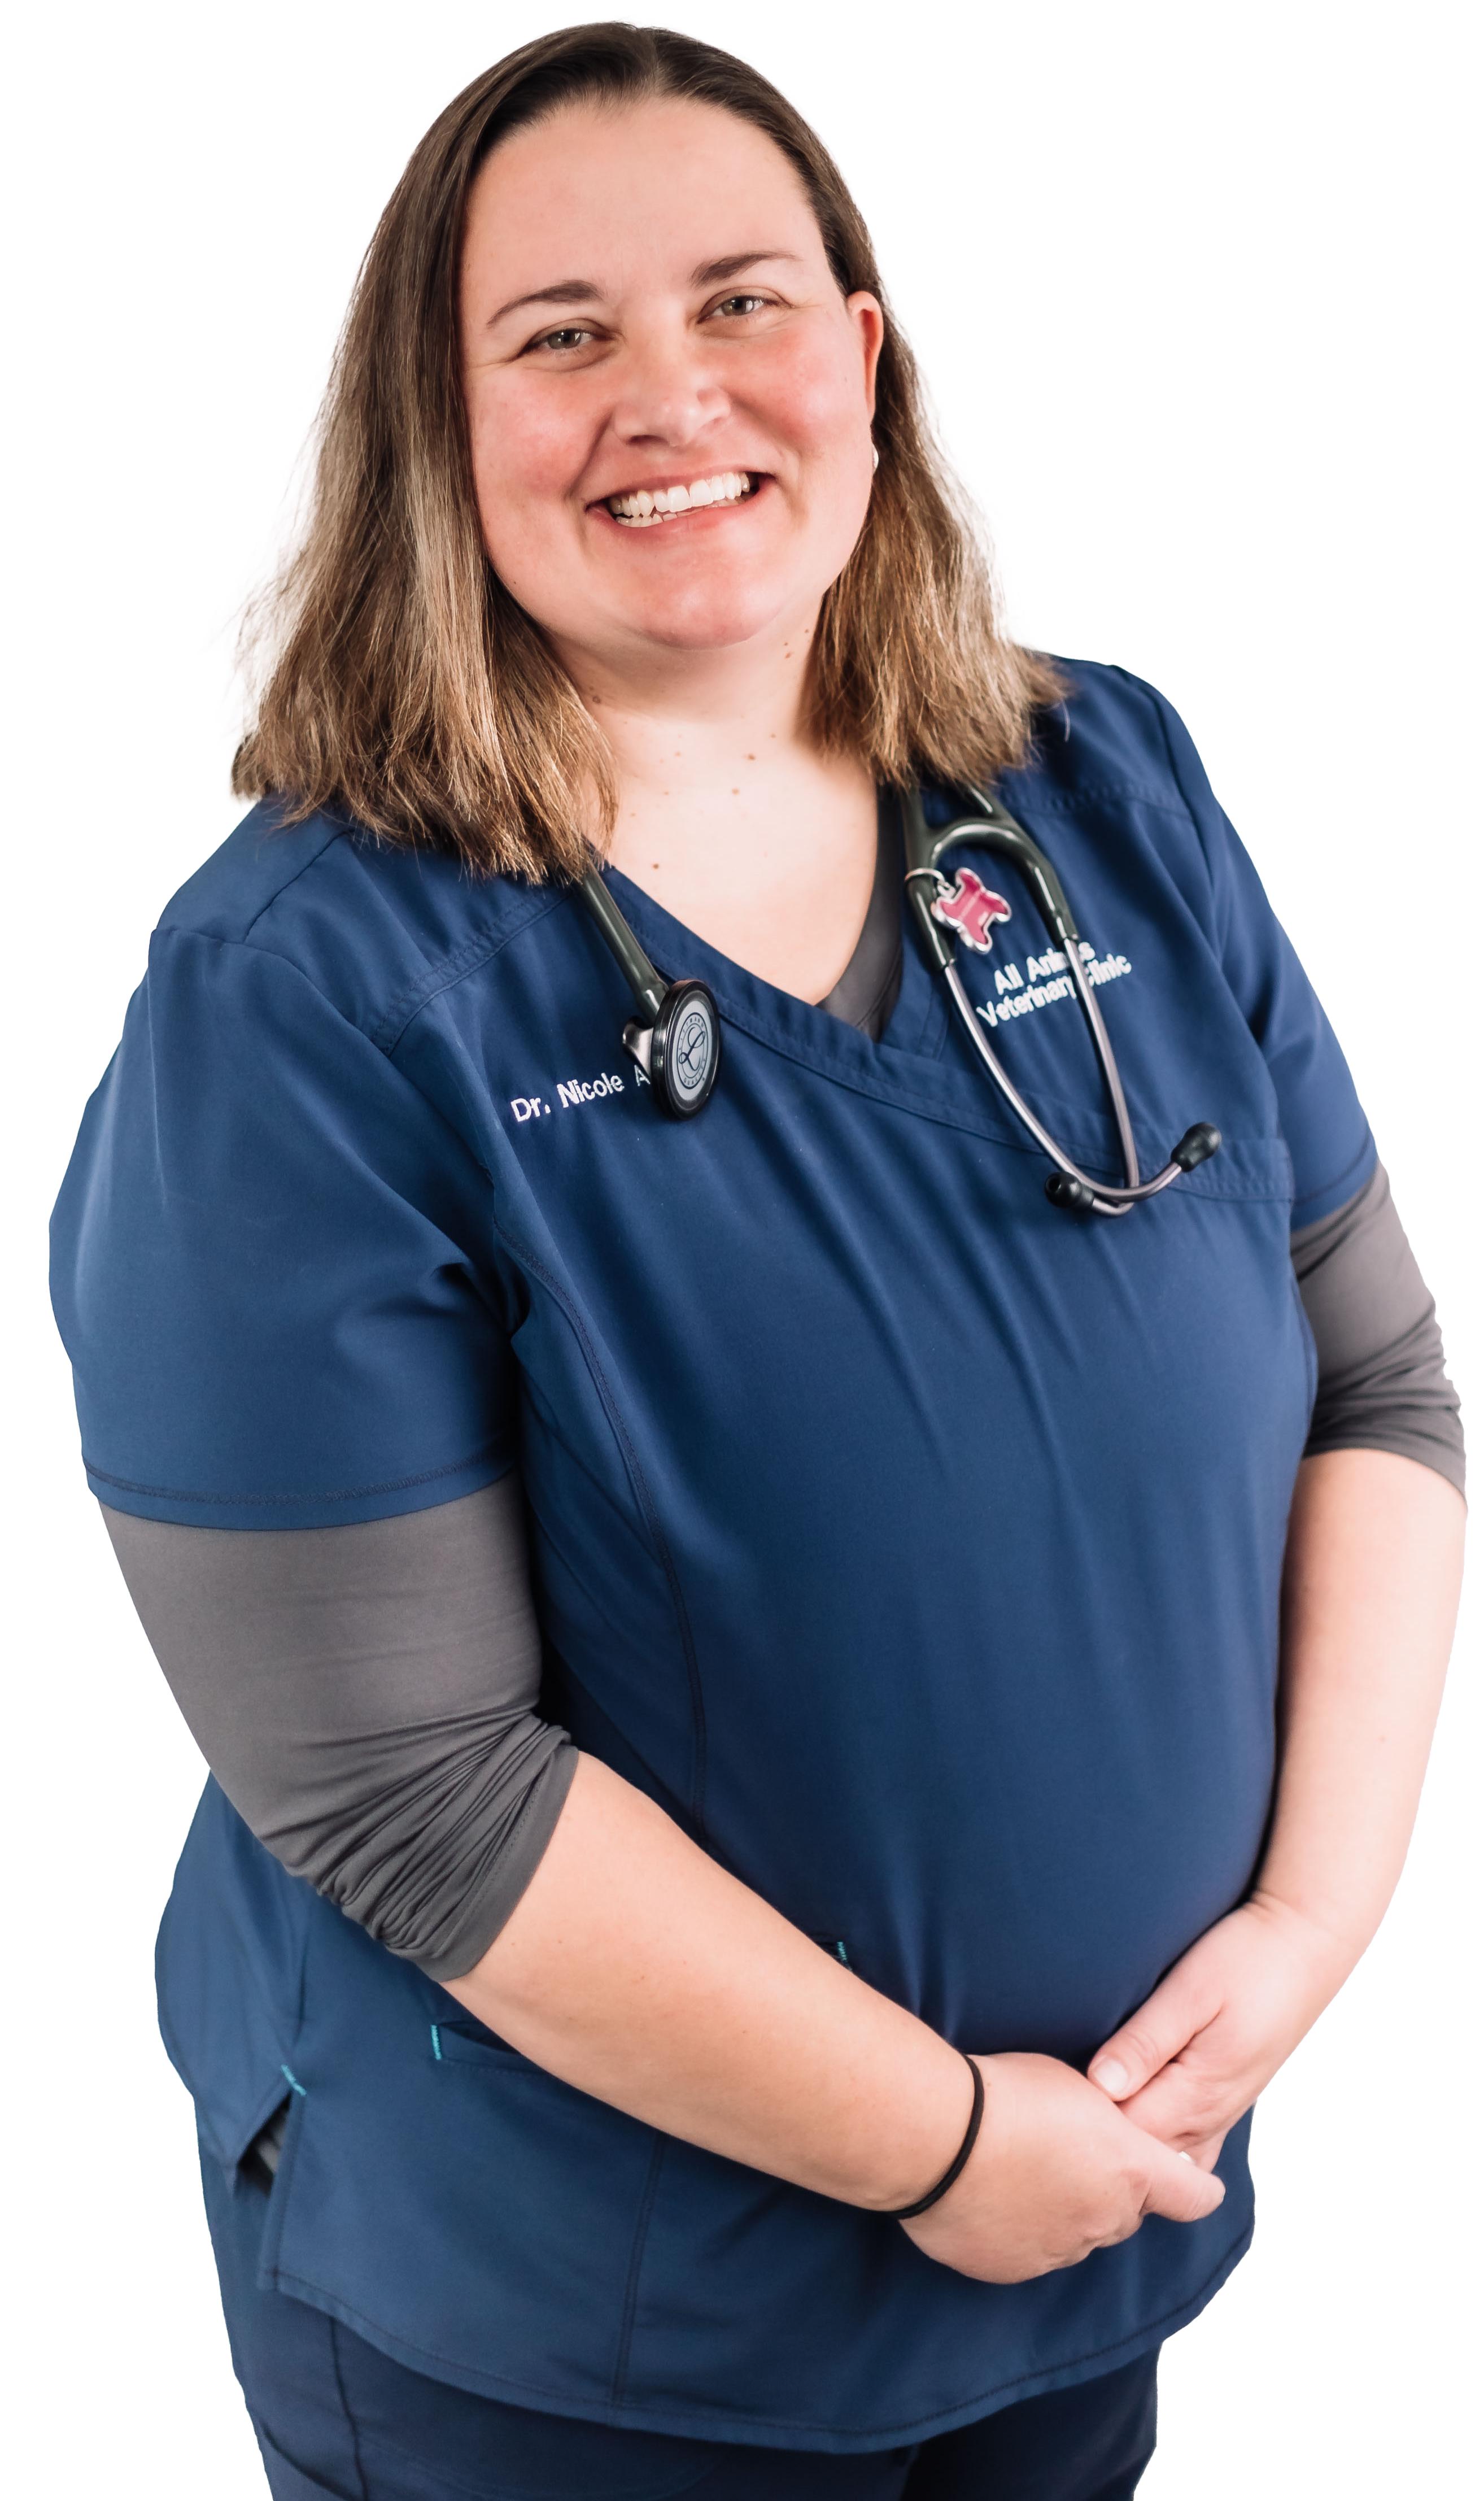 Dr. Nicole Amsler